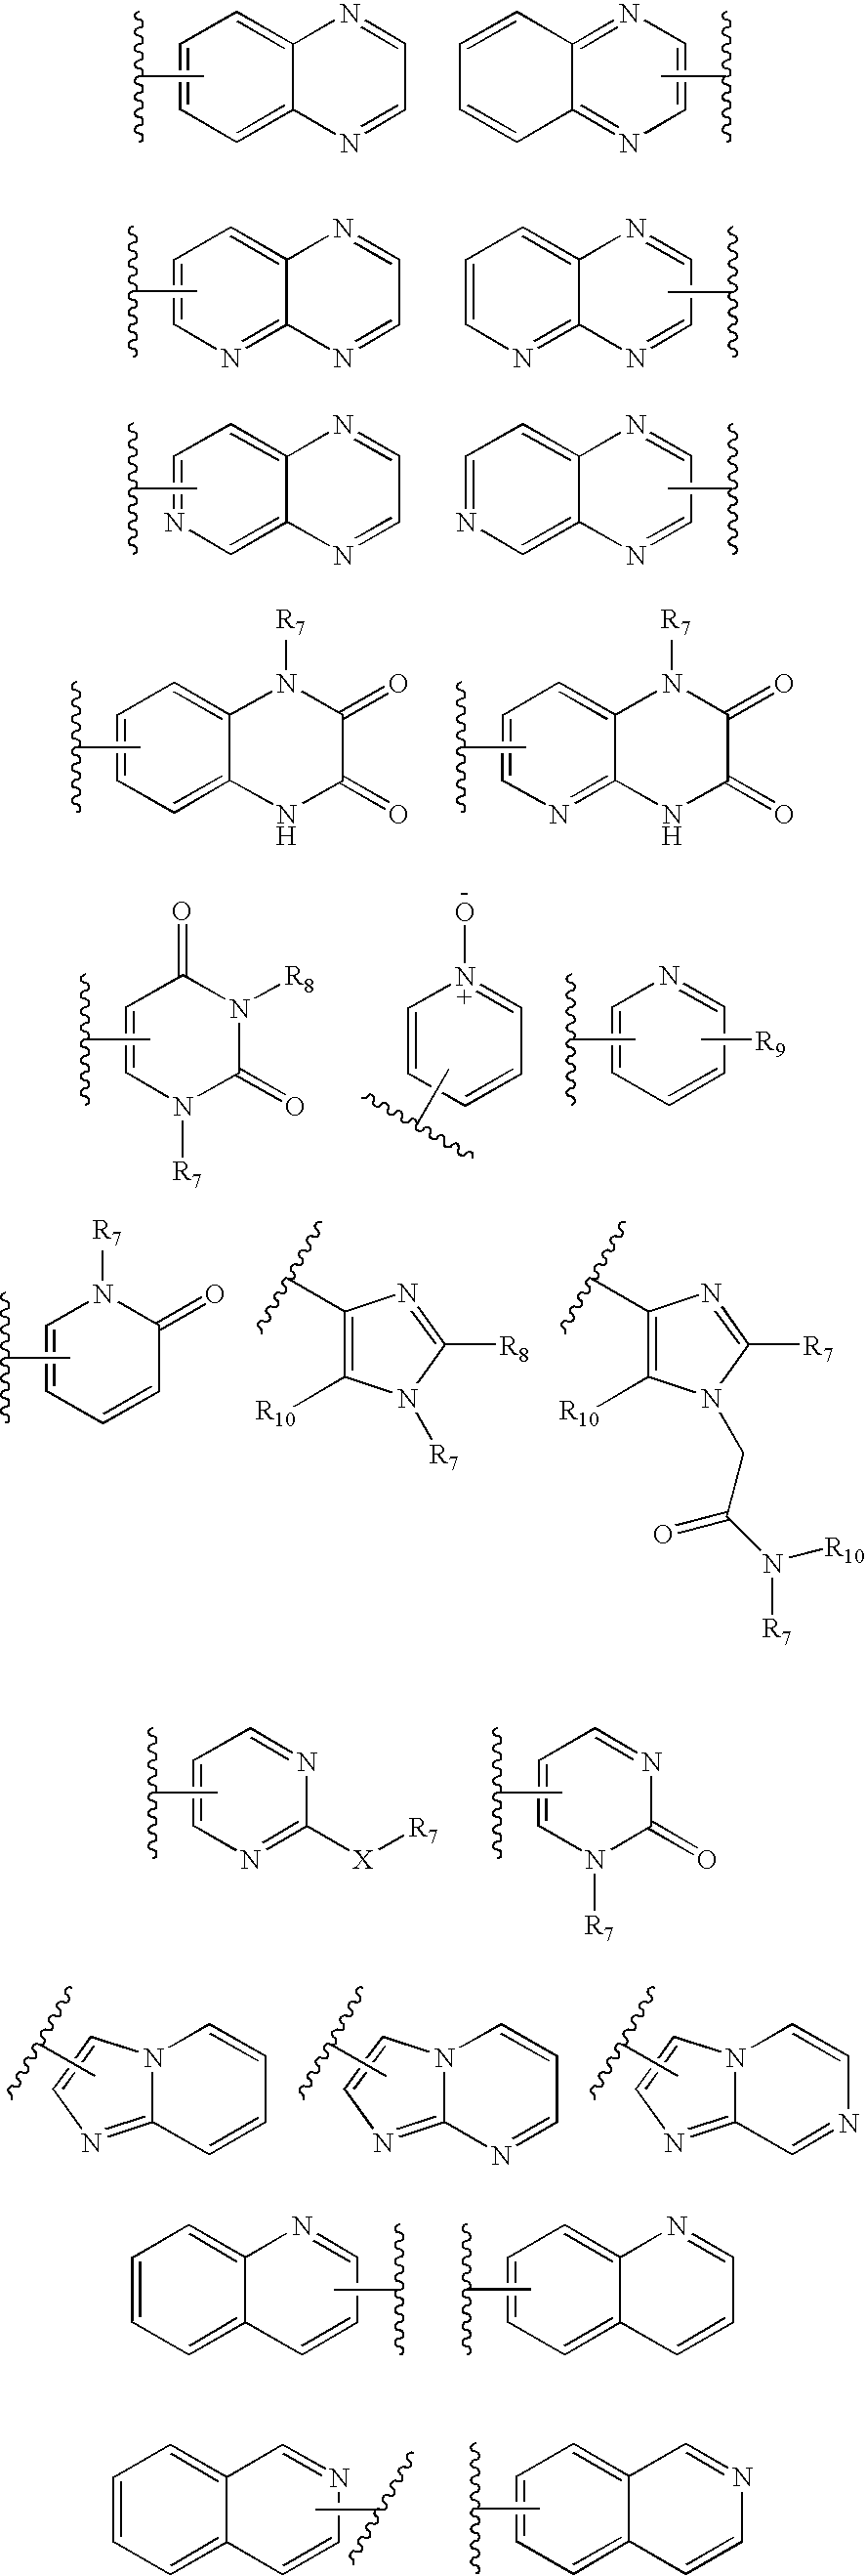 Figure US07531542-20090512-C00015